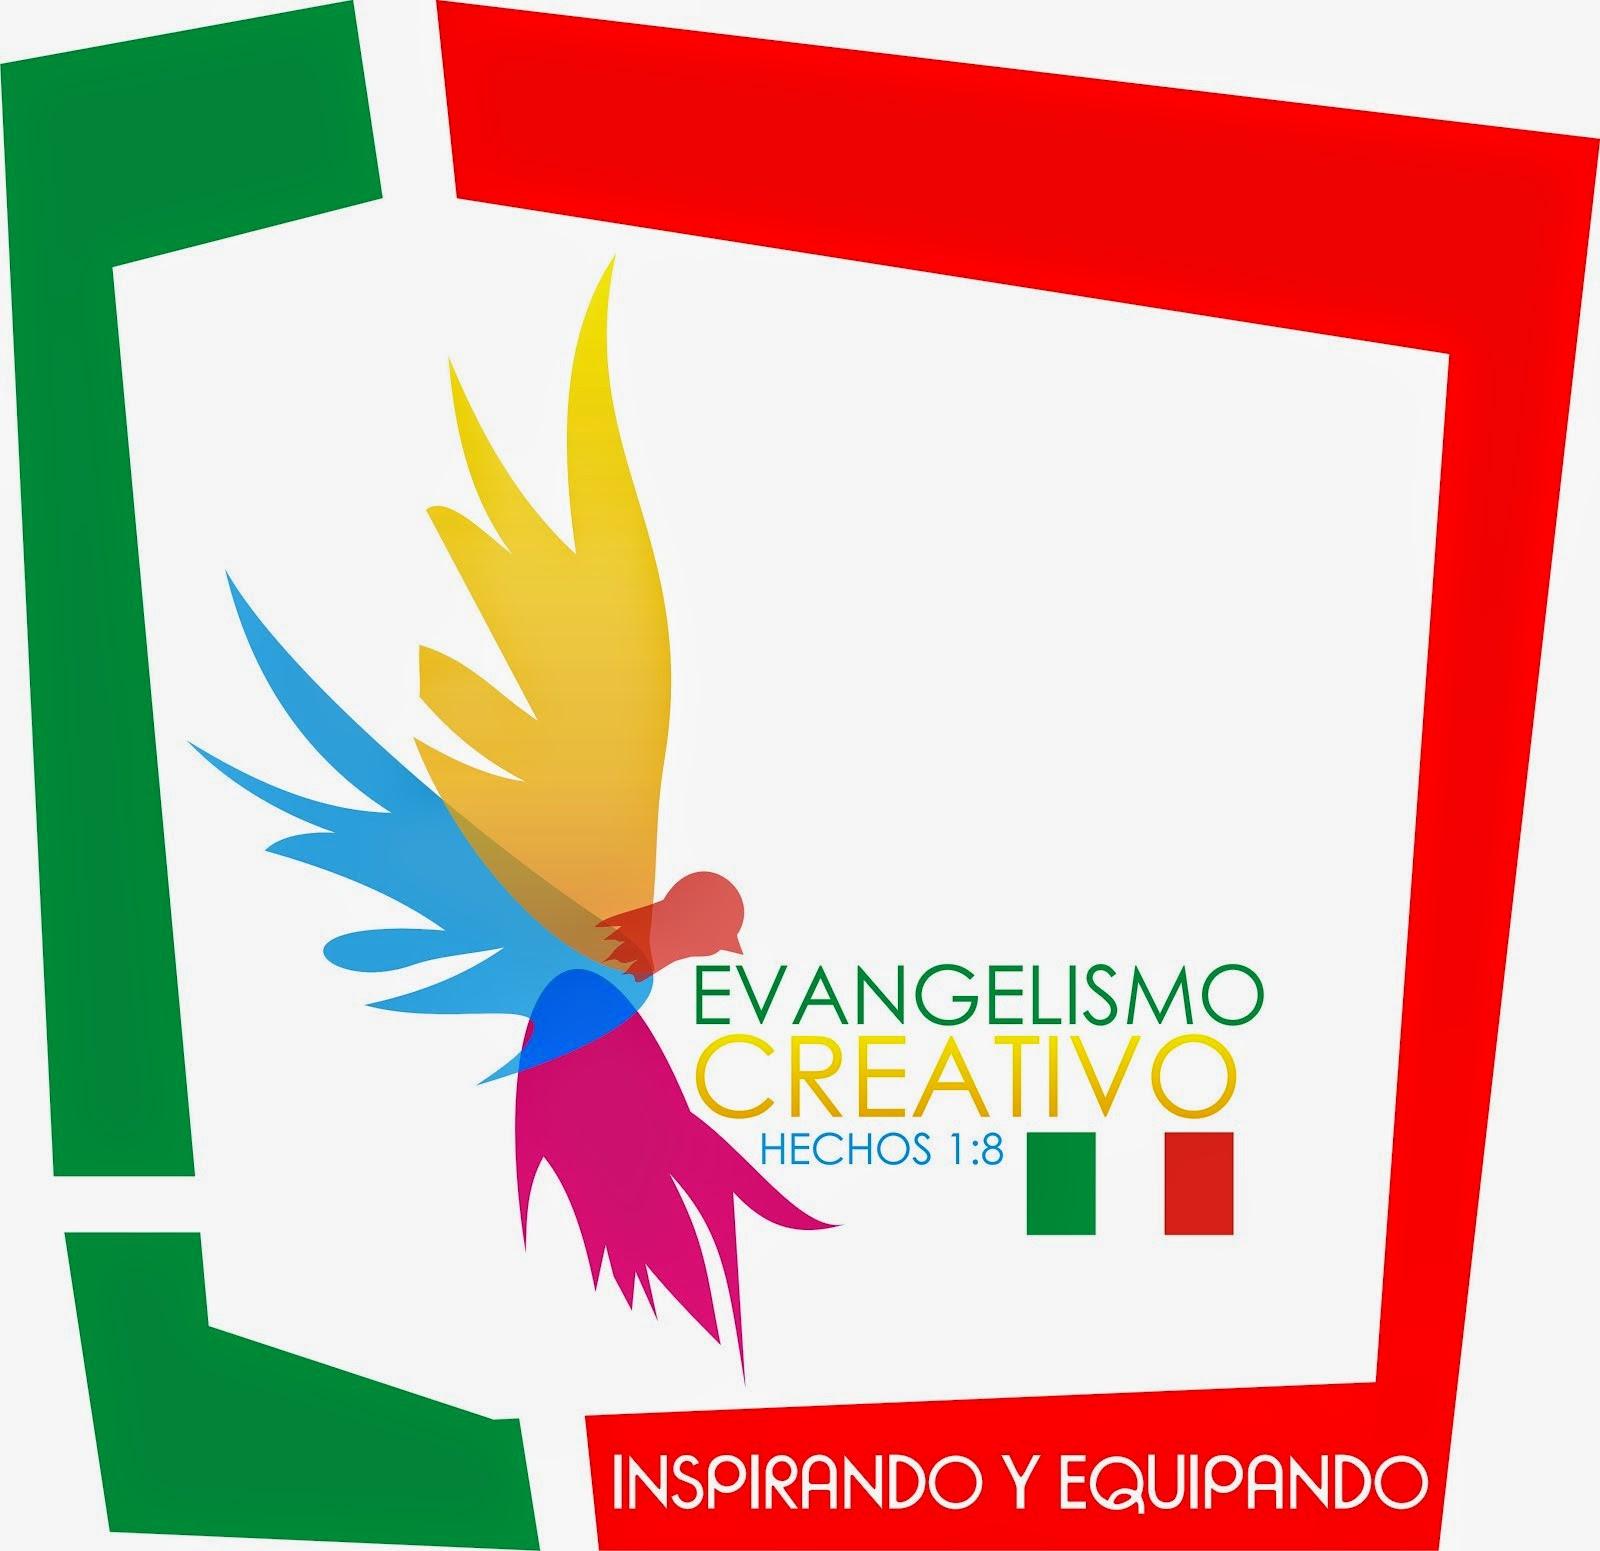 Evangelismo Creativo Mexico